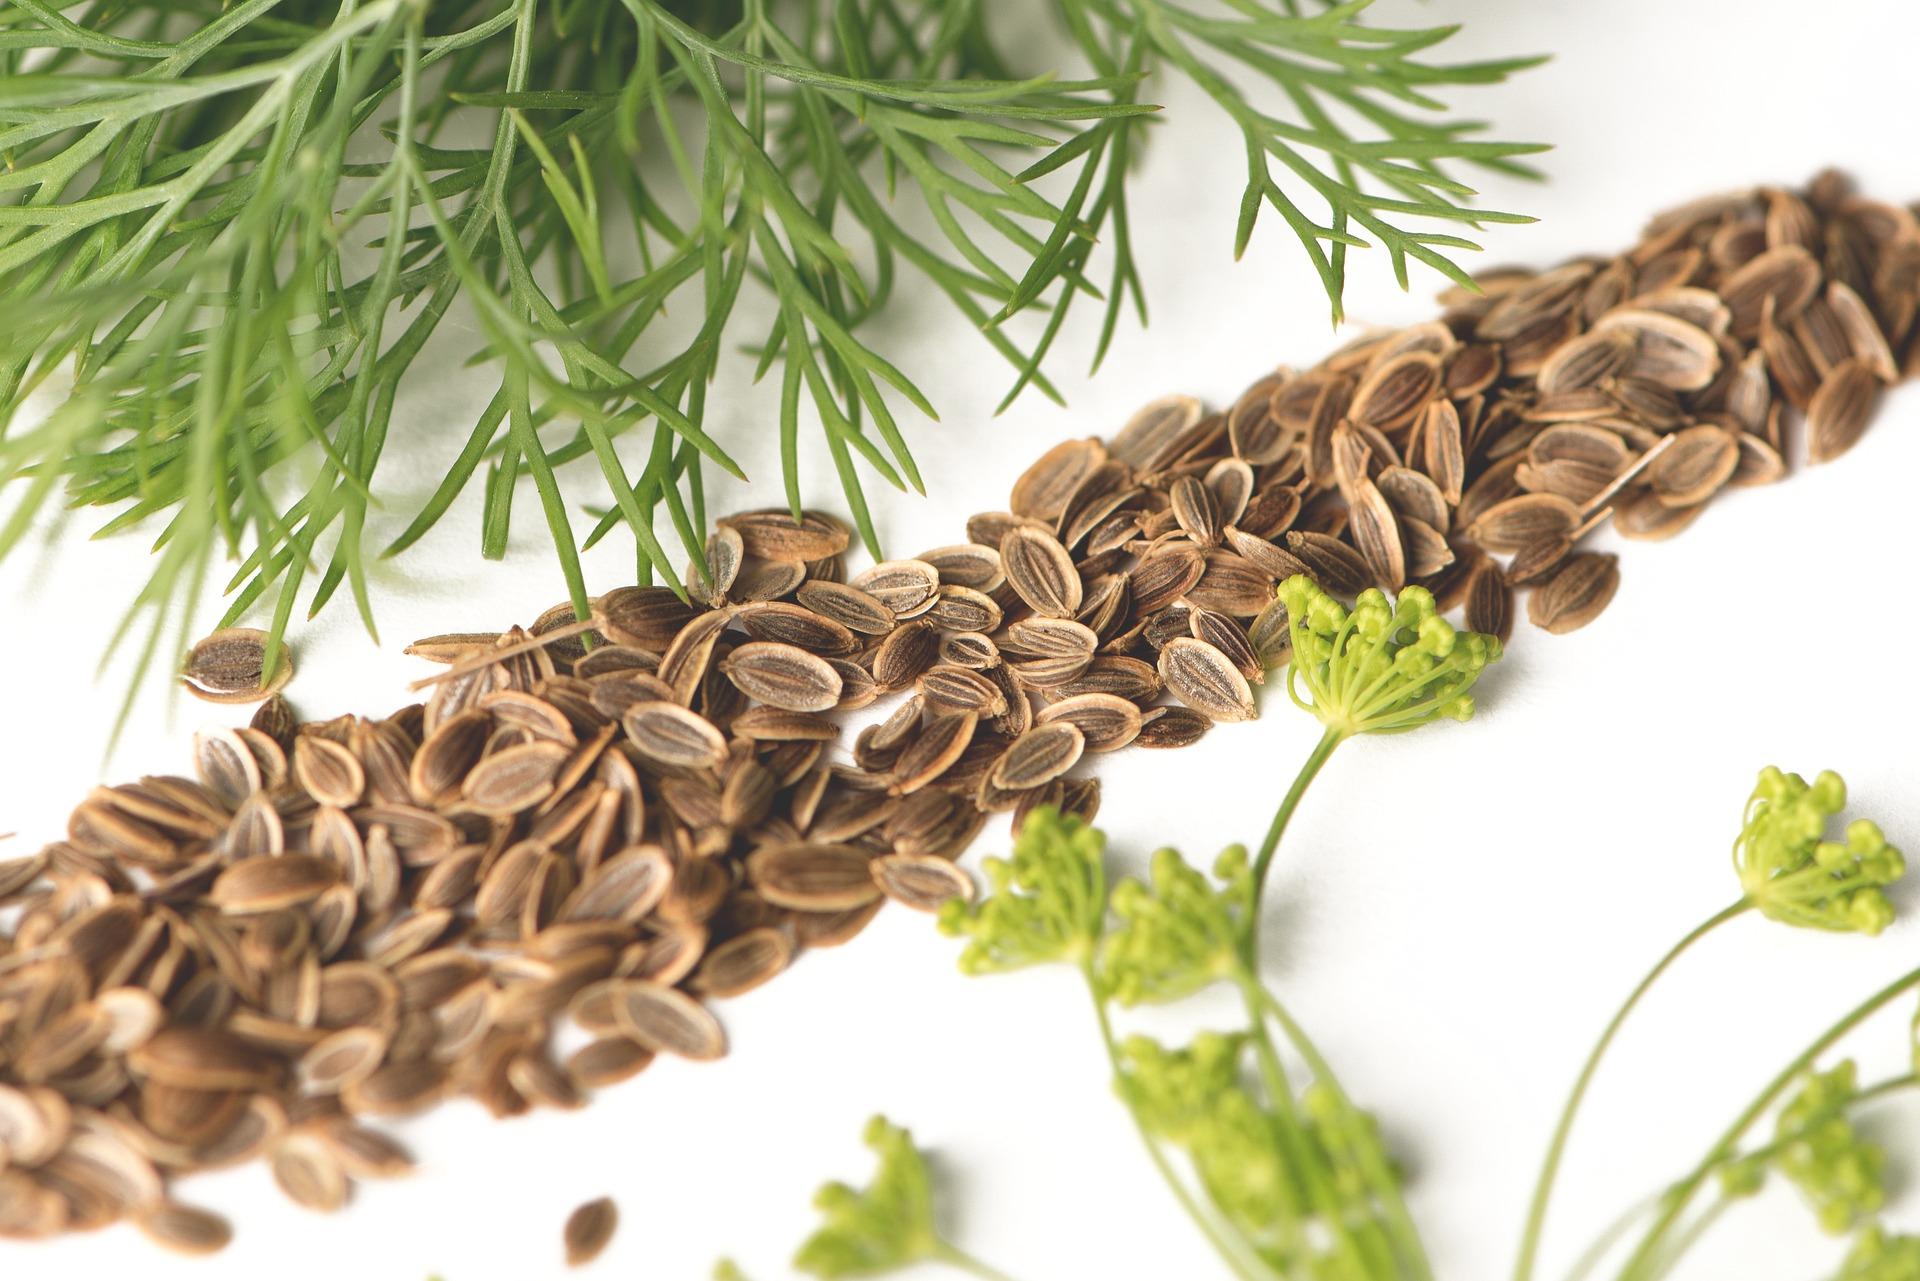 Семена укропа: лечебные свойства, противопоказания, как принимать